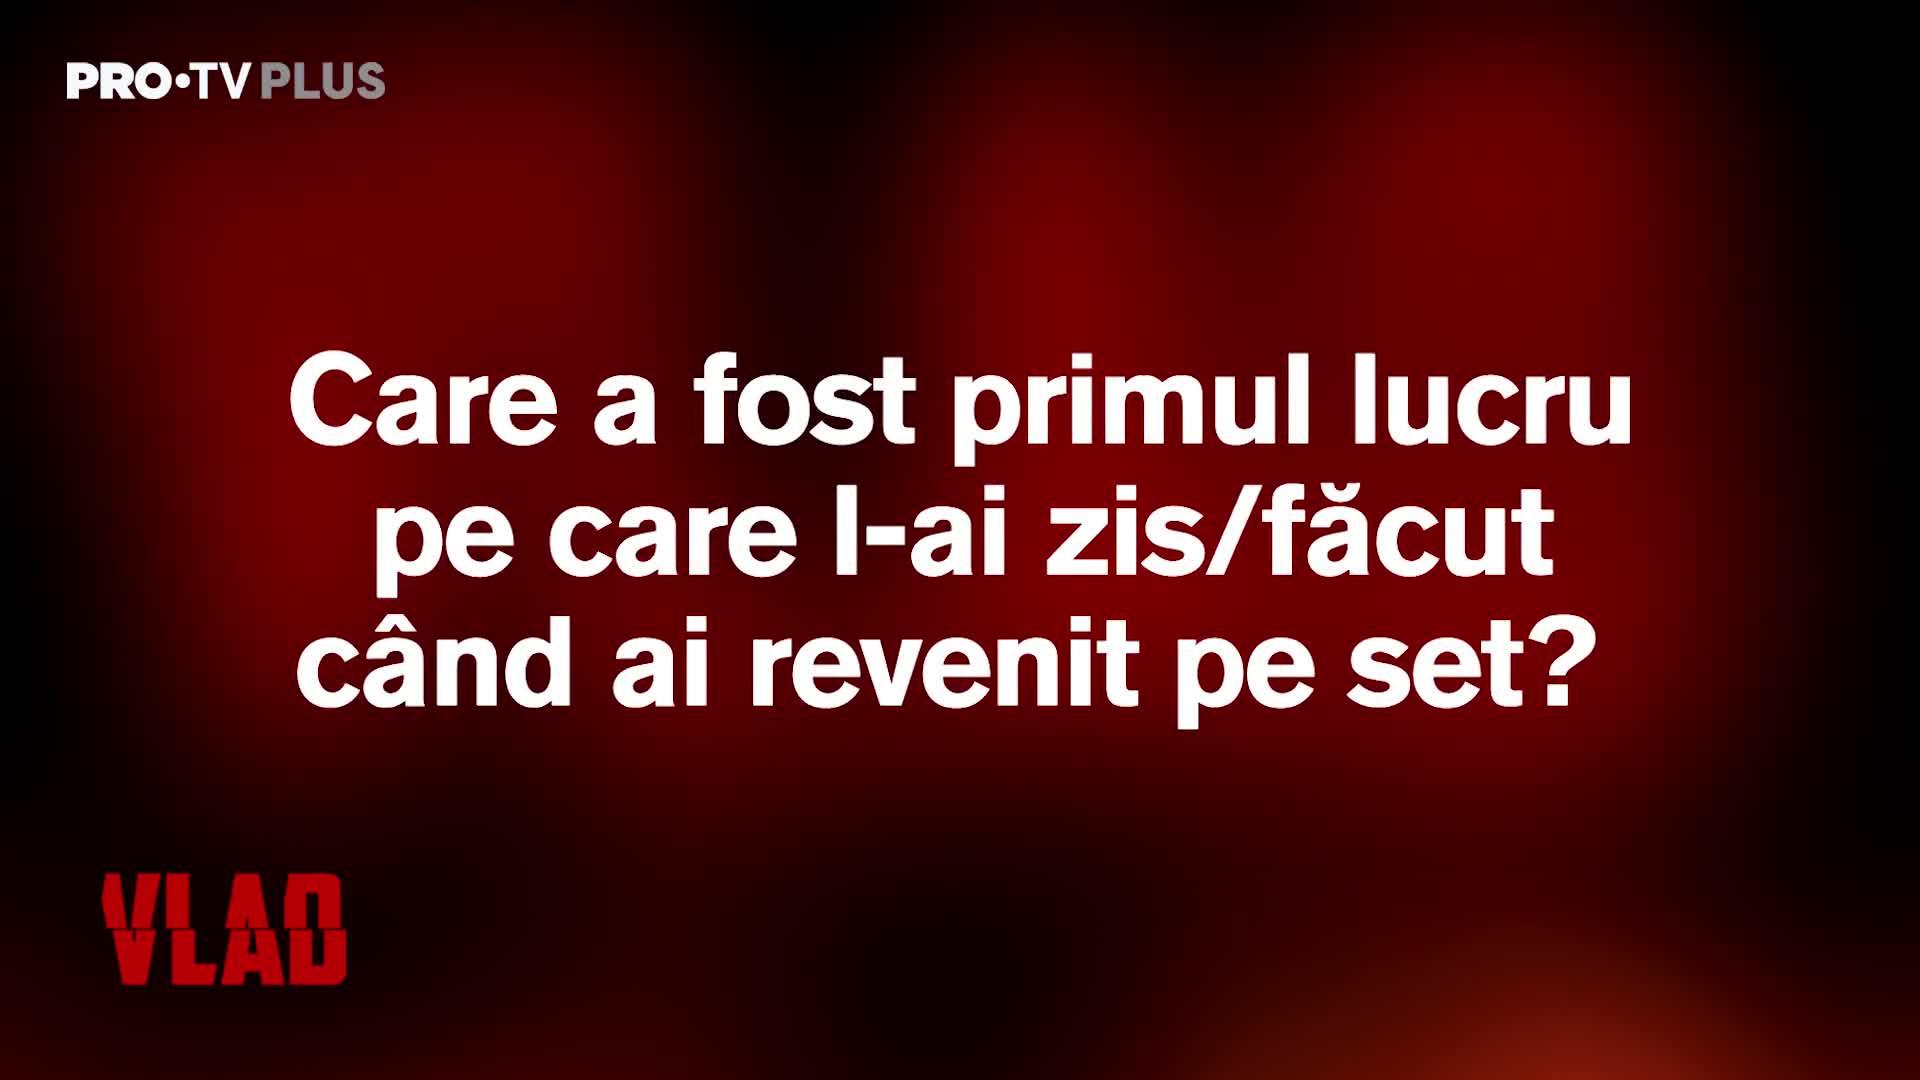 Pistereanu